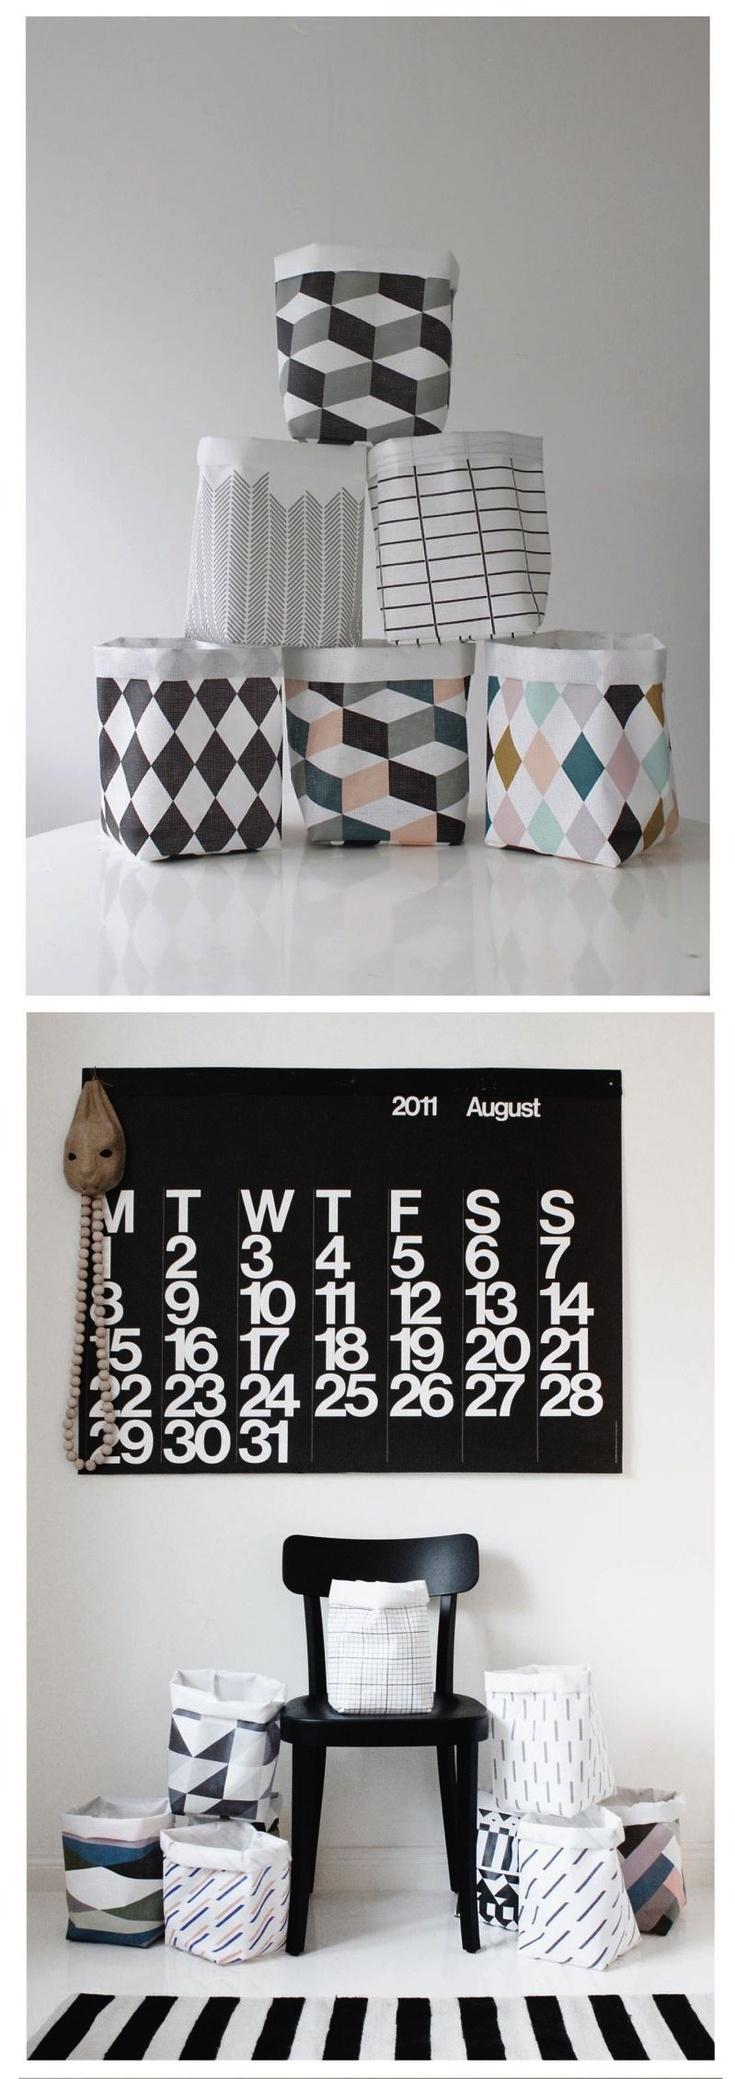 Via Sunset Gurl Design | Vaprunen Sack | Stendig Calendar | Black and White